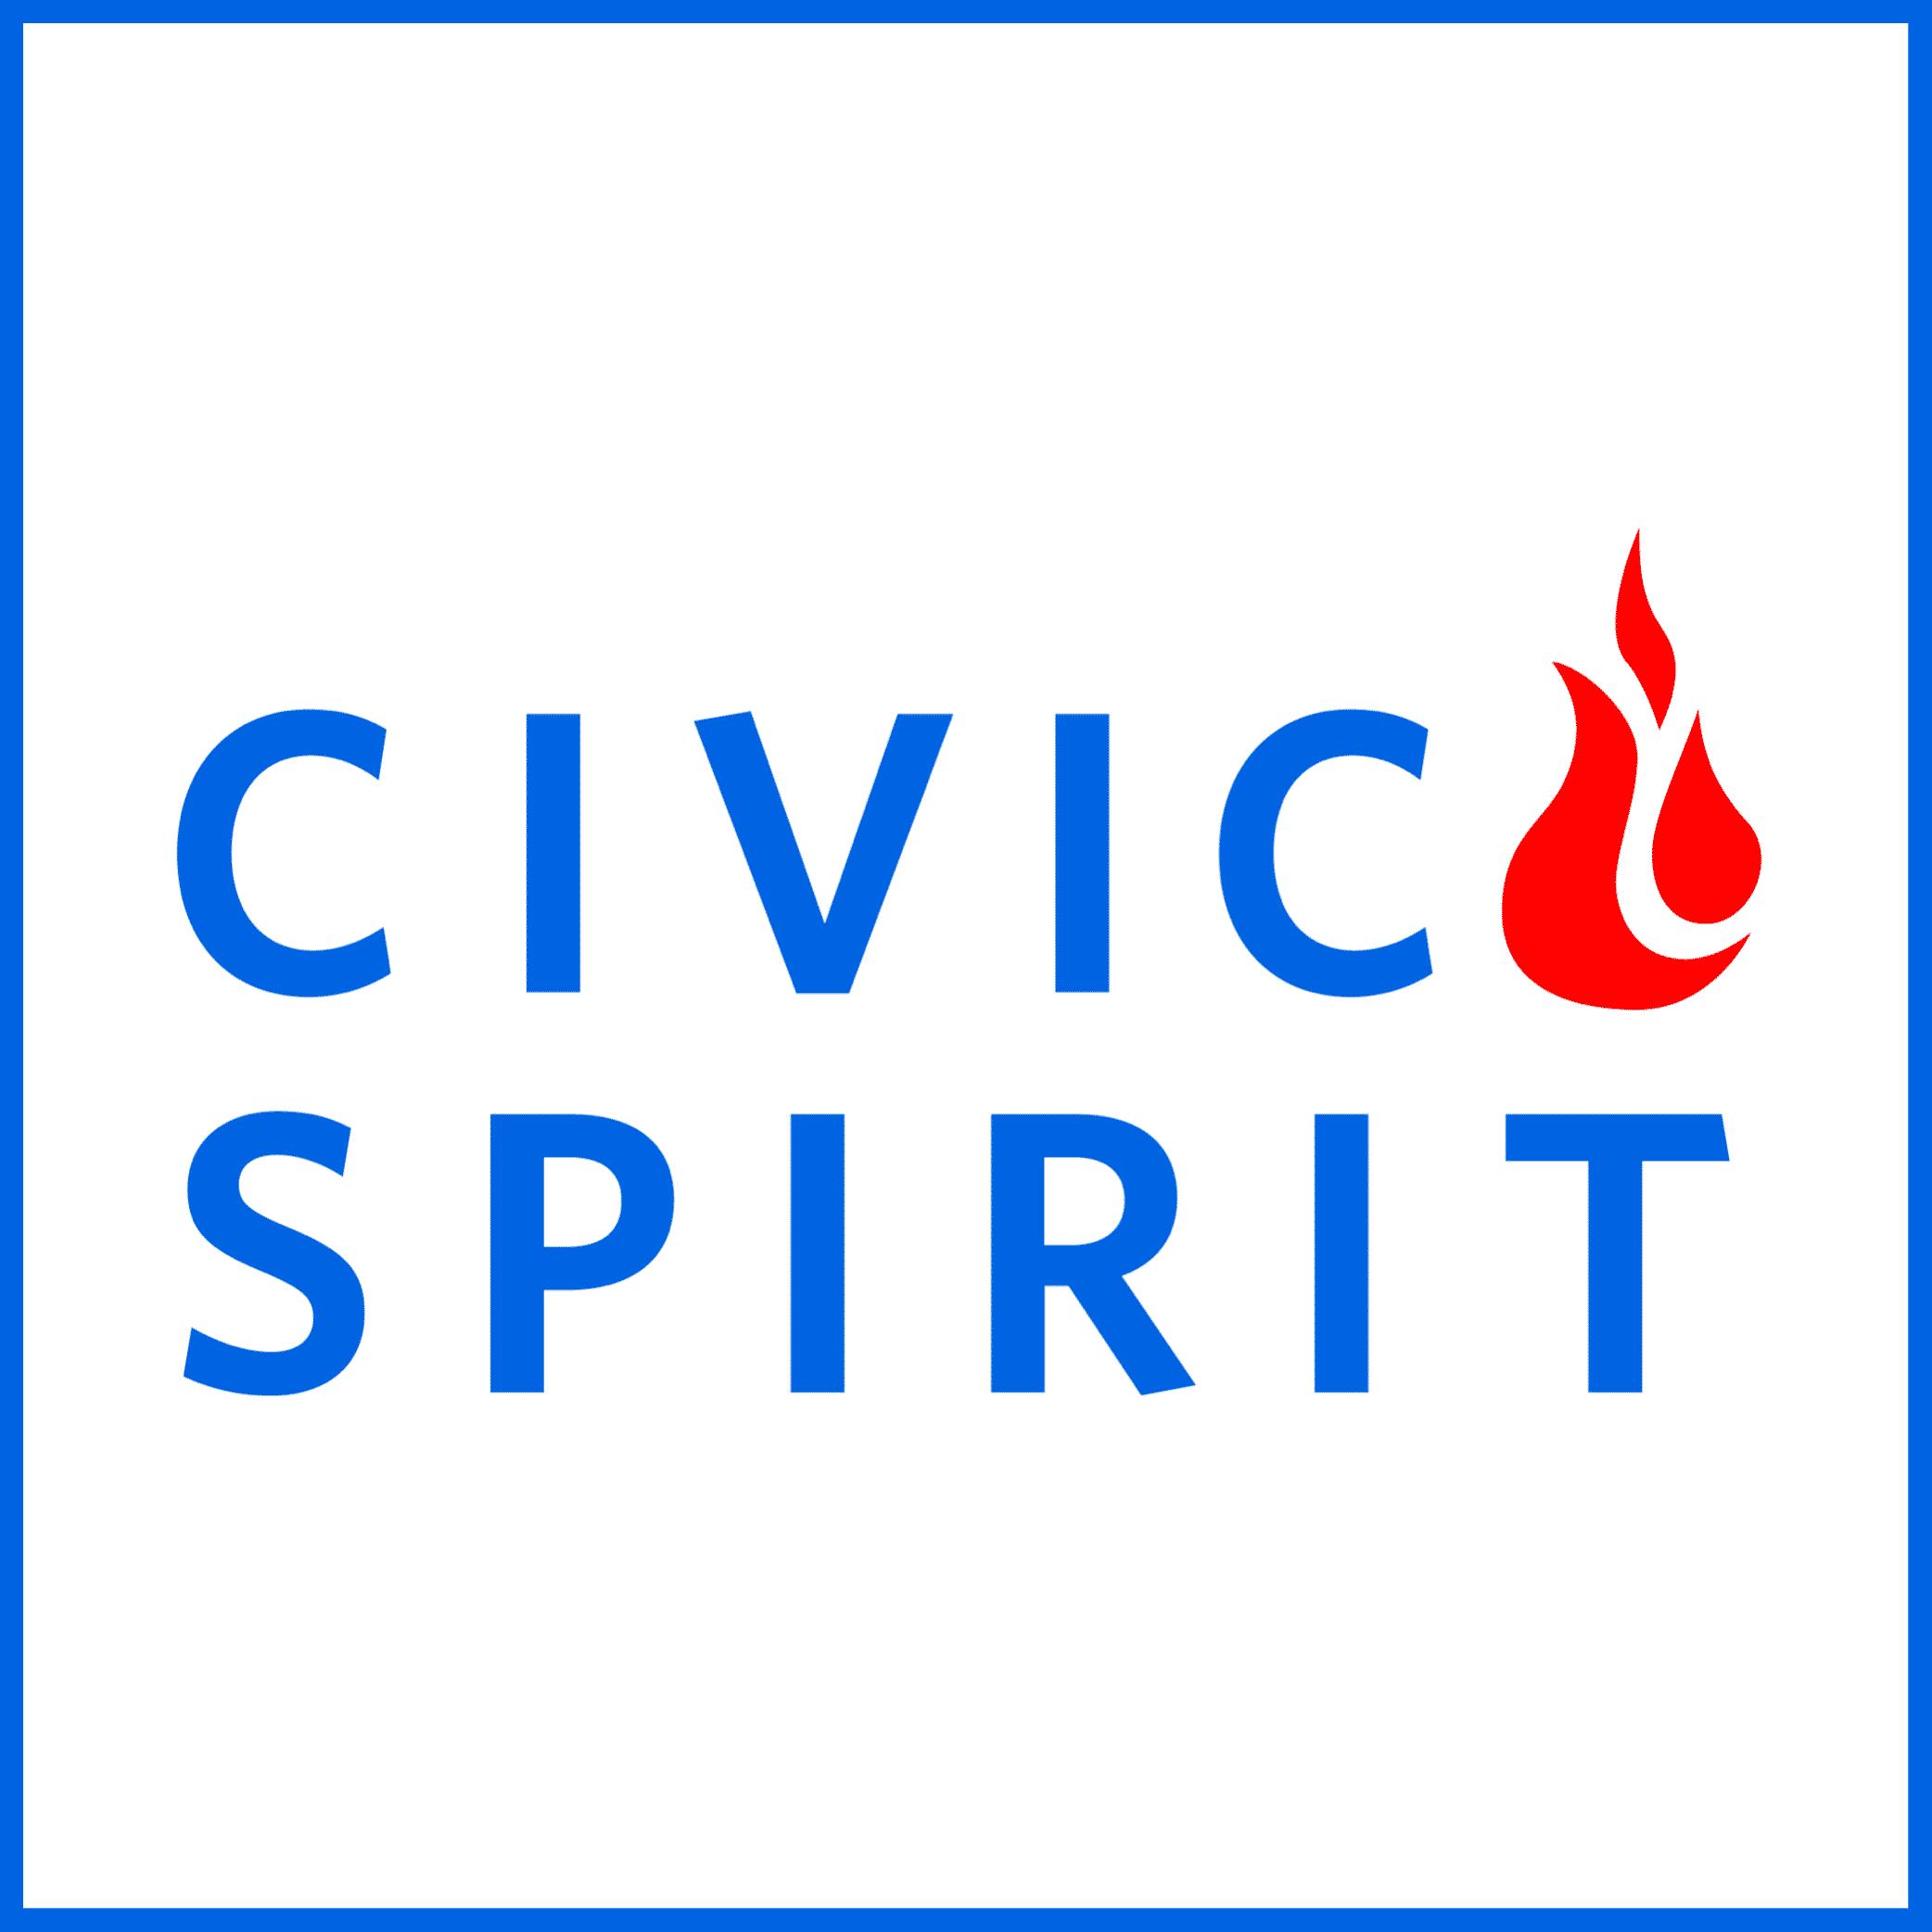 Civic Spirit sq logo